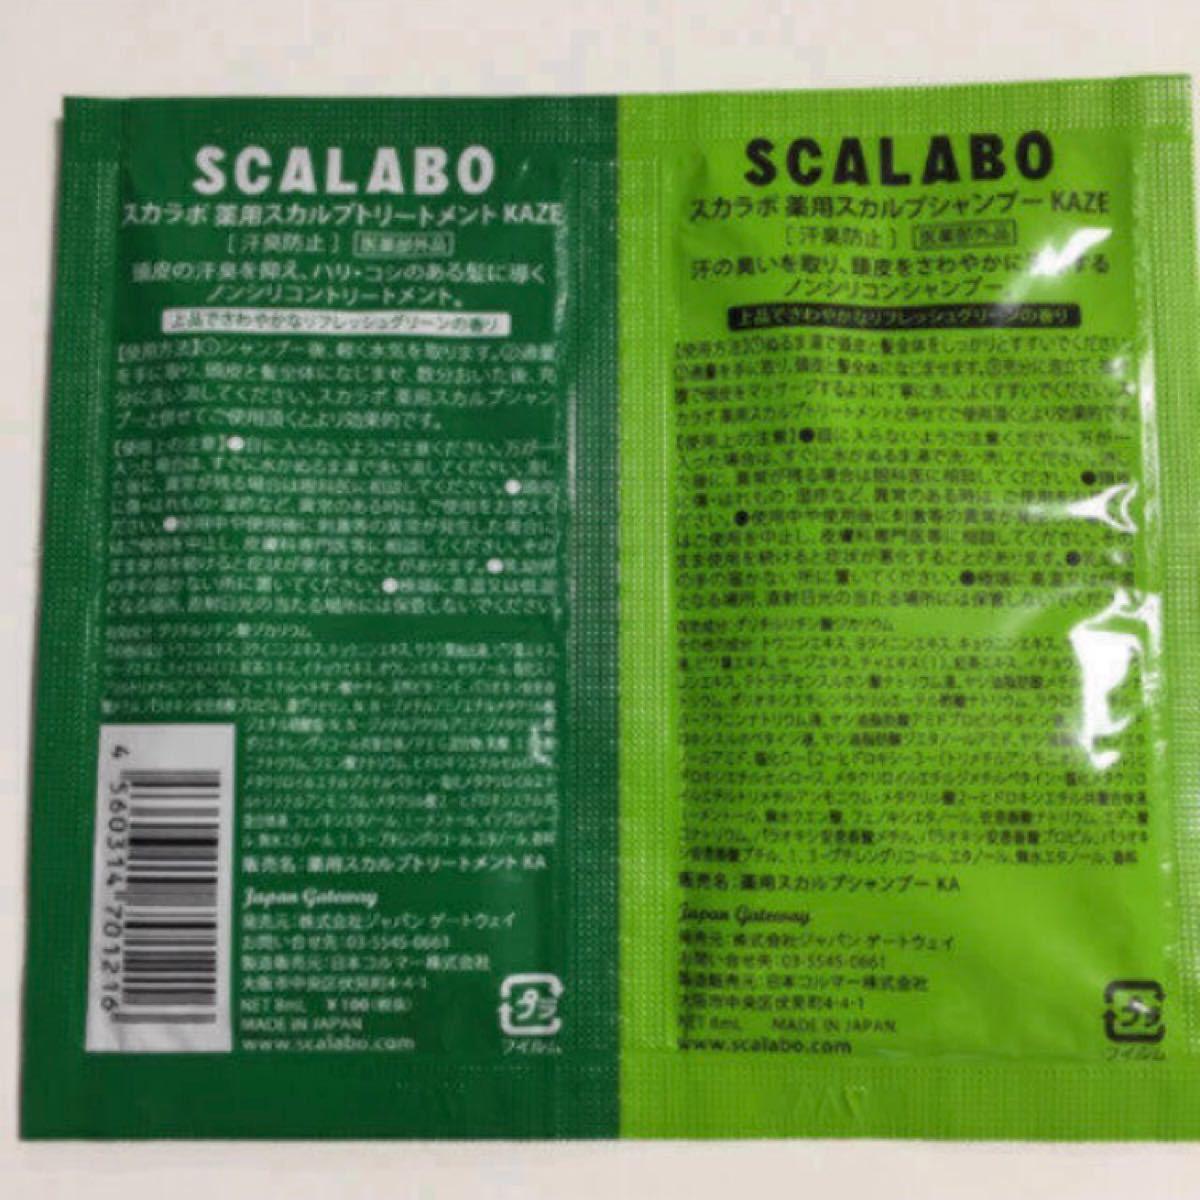 スカラボ薬用スカルプシャンプー&トリートメント KAZE 48個